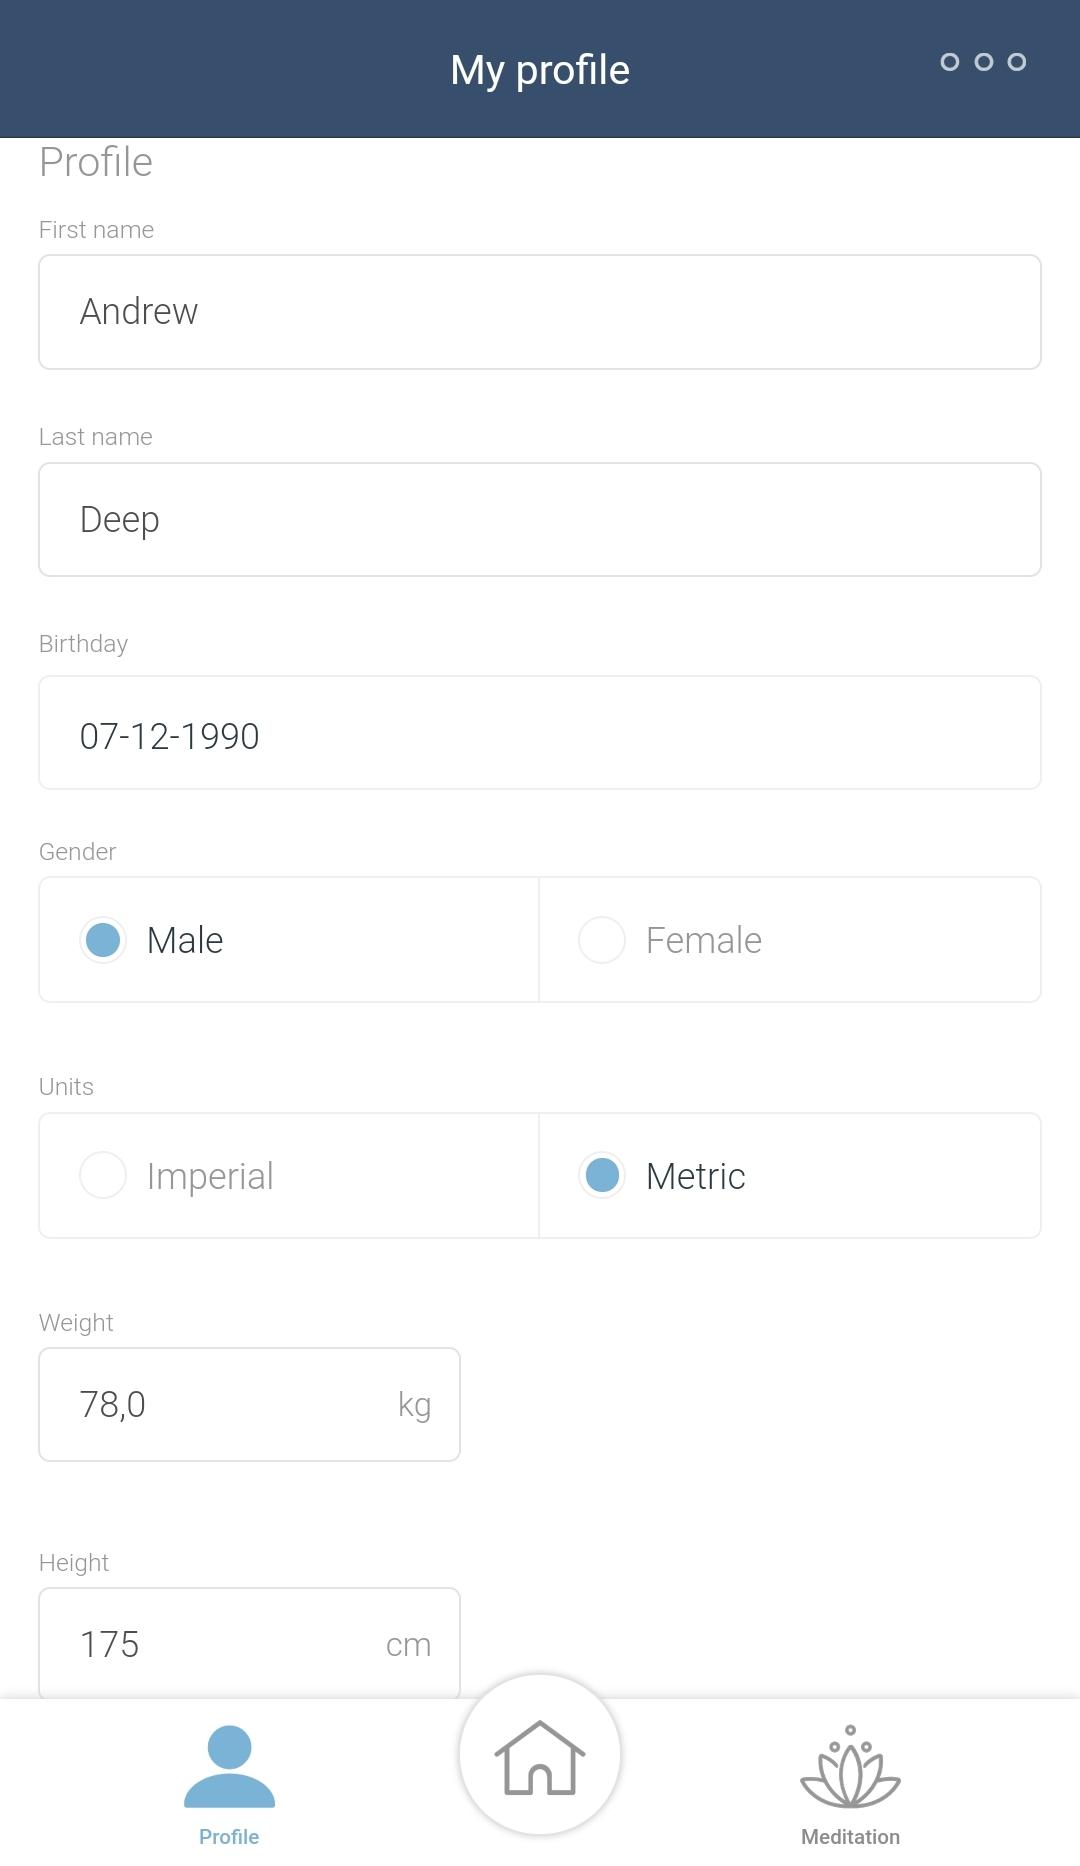 My profil in app